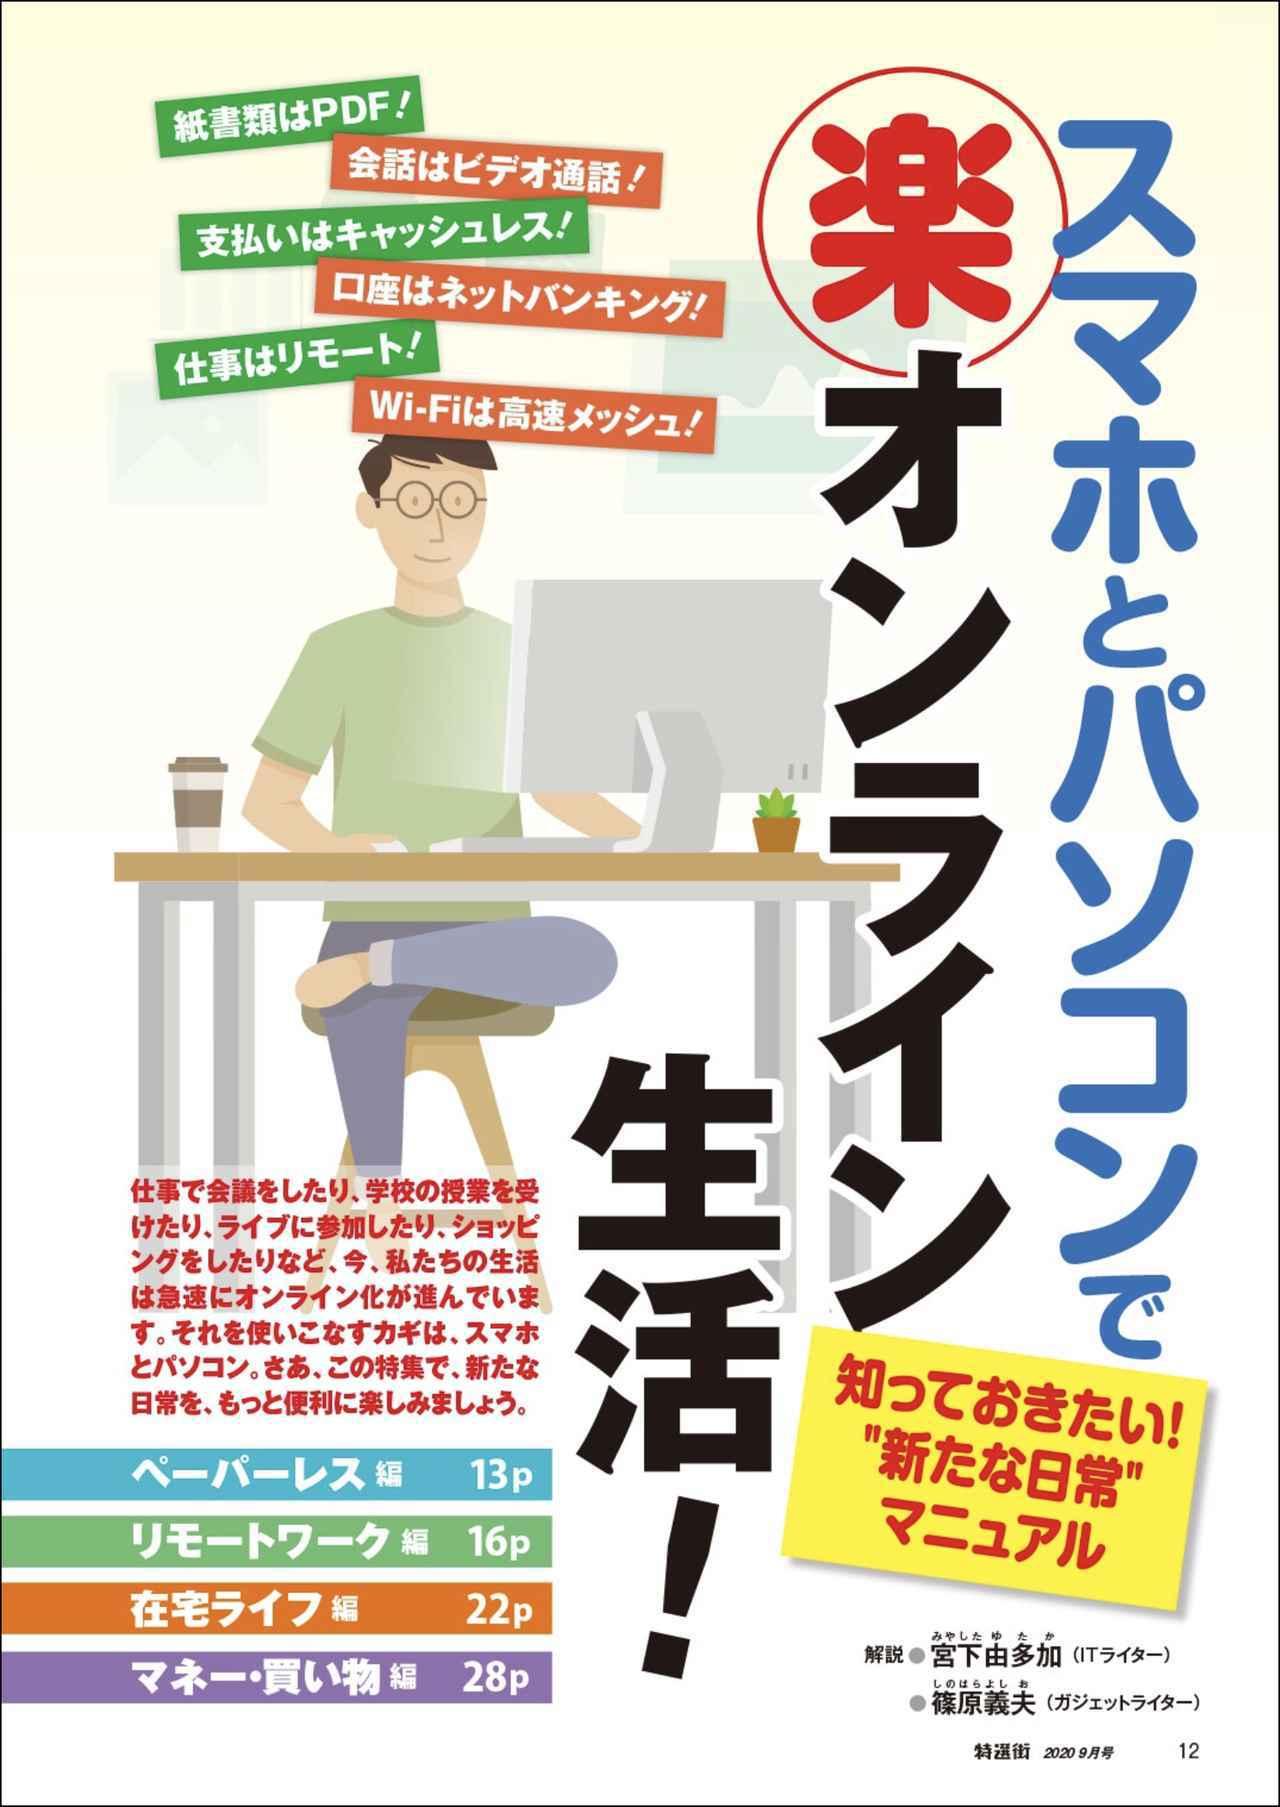 """画像2: 【本日発売『特選街』9月号】""""在宅&リモート""""でできる、超快適なオンライン生活のテクニックをご紹介!"""